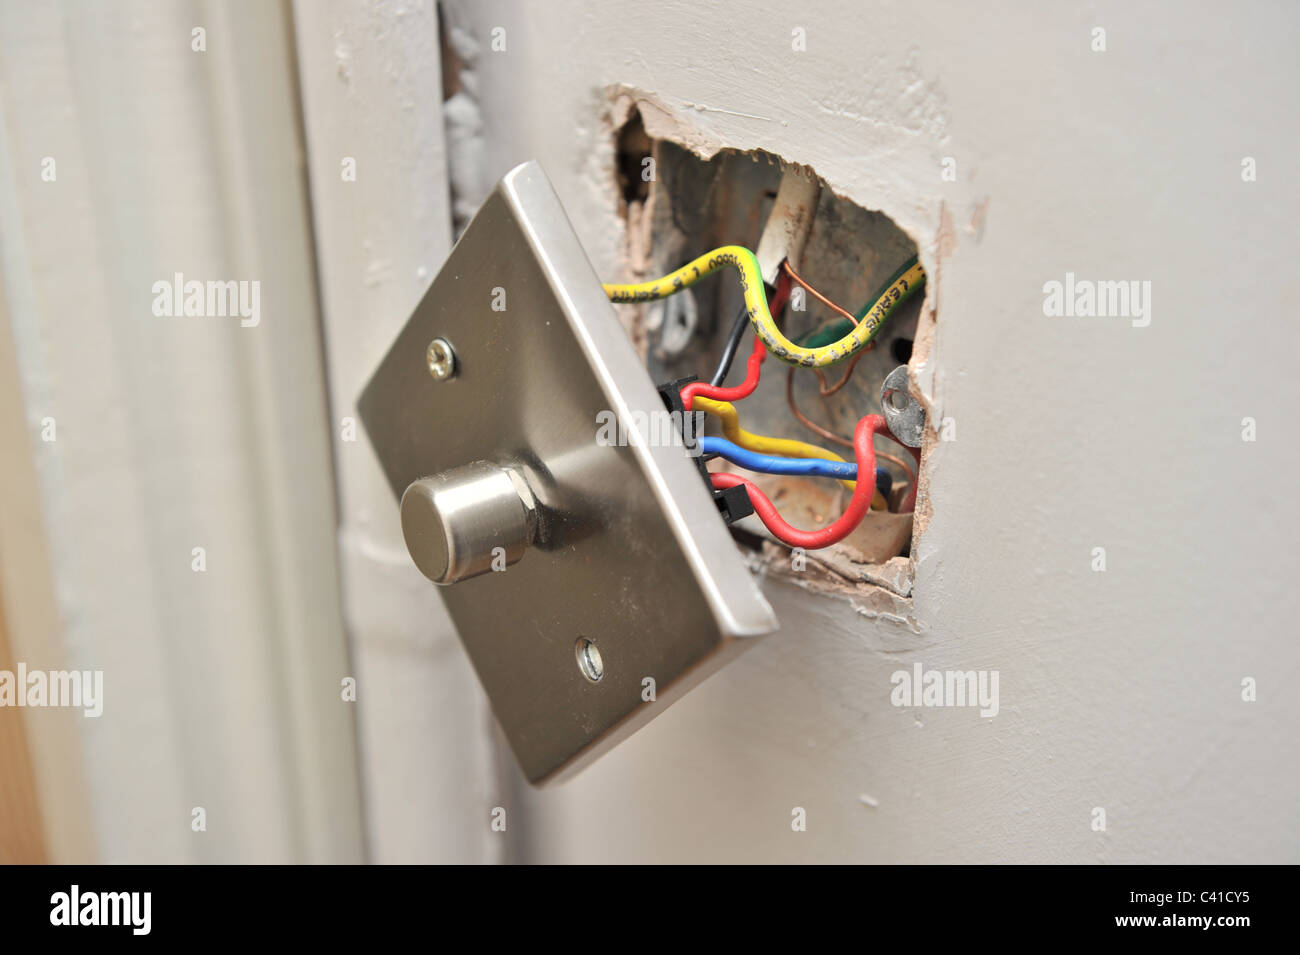 eine fehlerhafte Haus Licht dimmer-Schalter von Wand zeigt ...